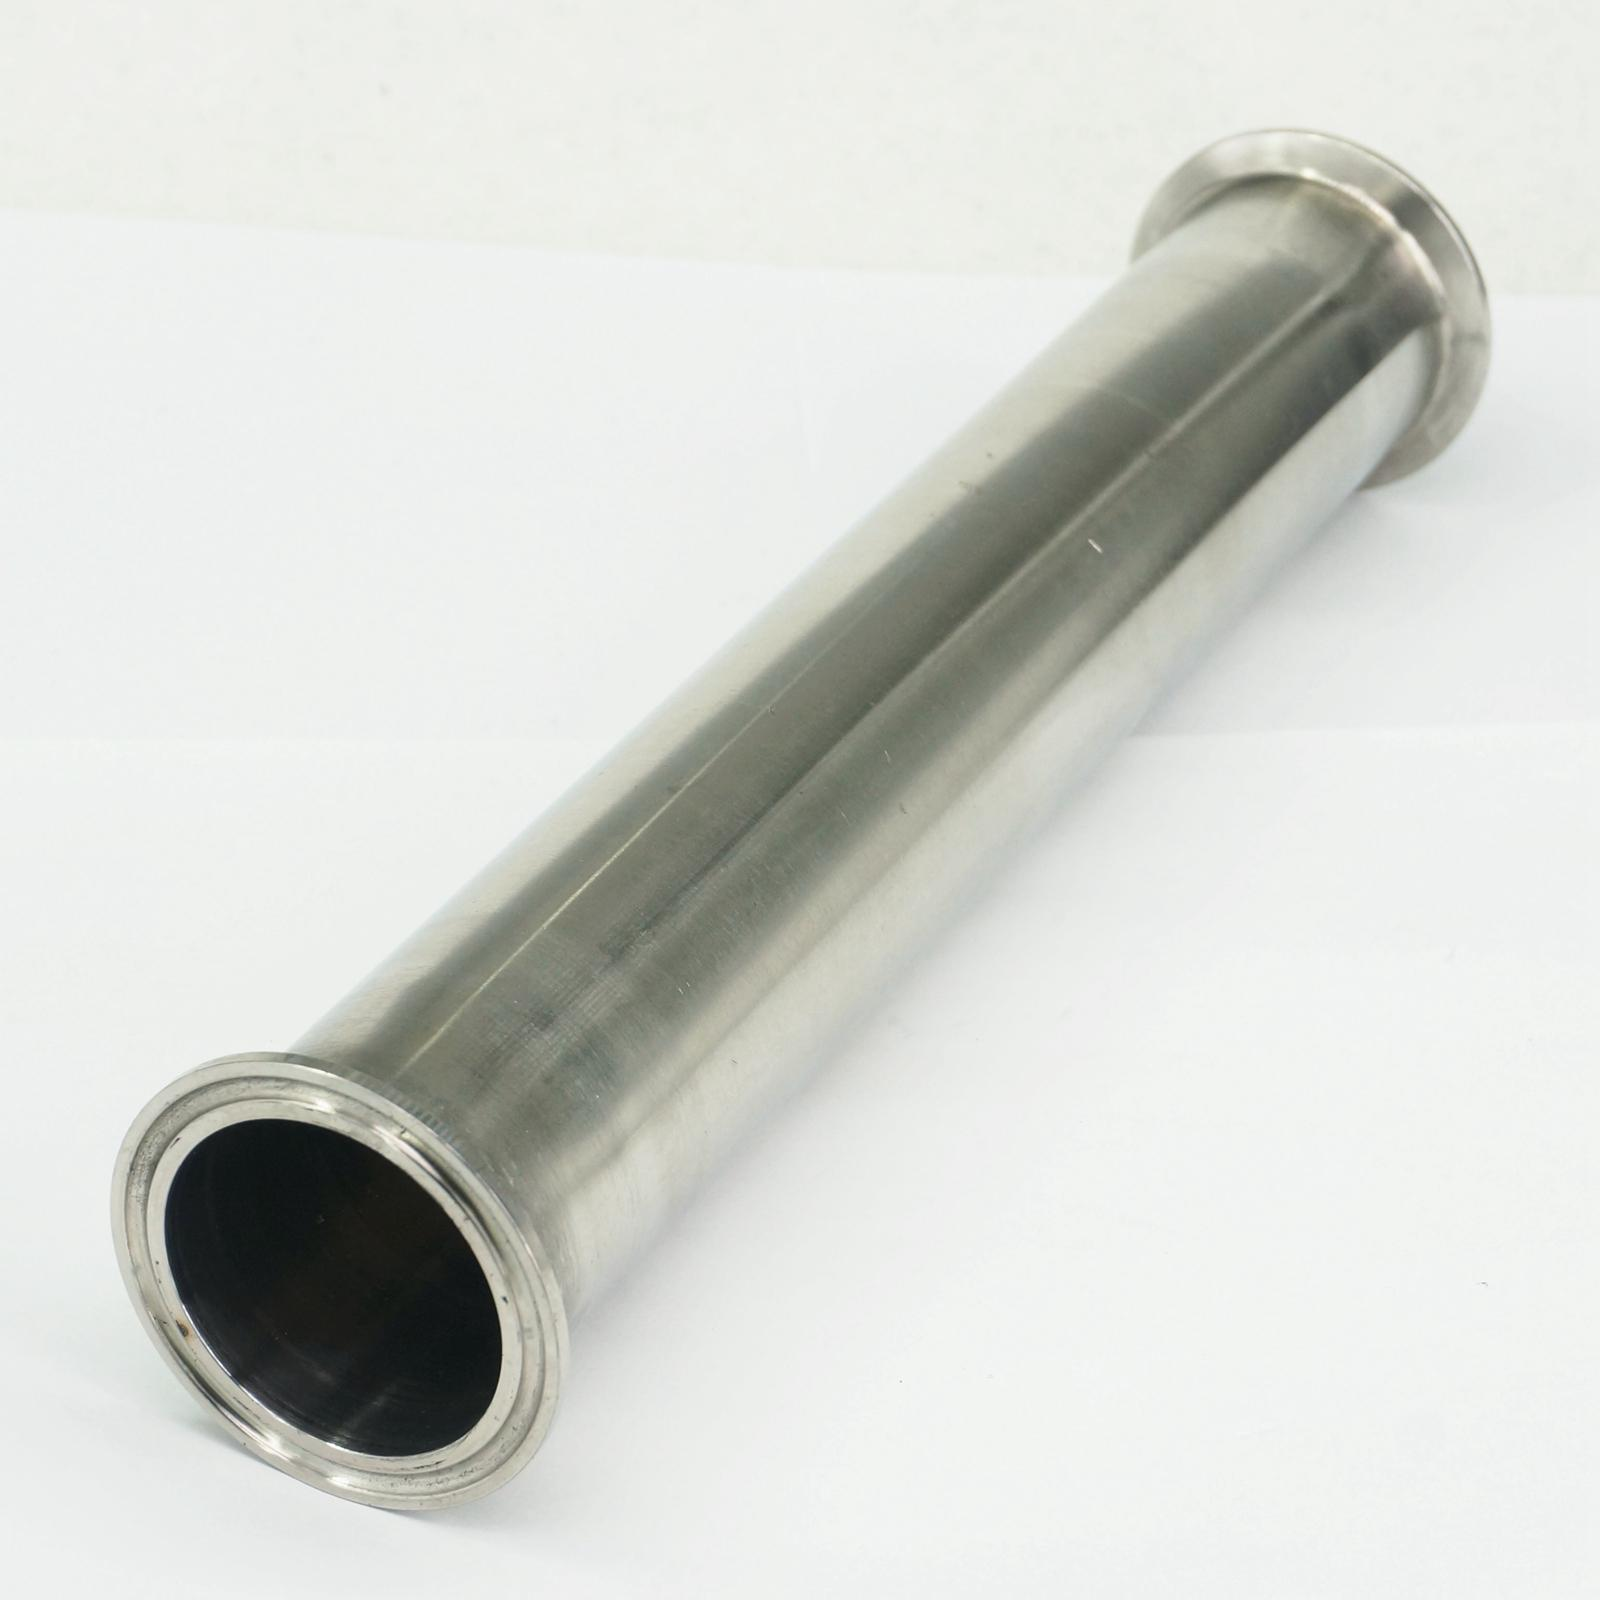 2 Tri Clamp x 51mm OD Tuyau Sanitaire Bobine Tube Longueur 305mm (12) Pour Homebrew SUS304 En Acier Inoxydable